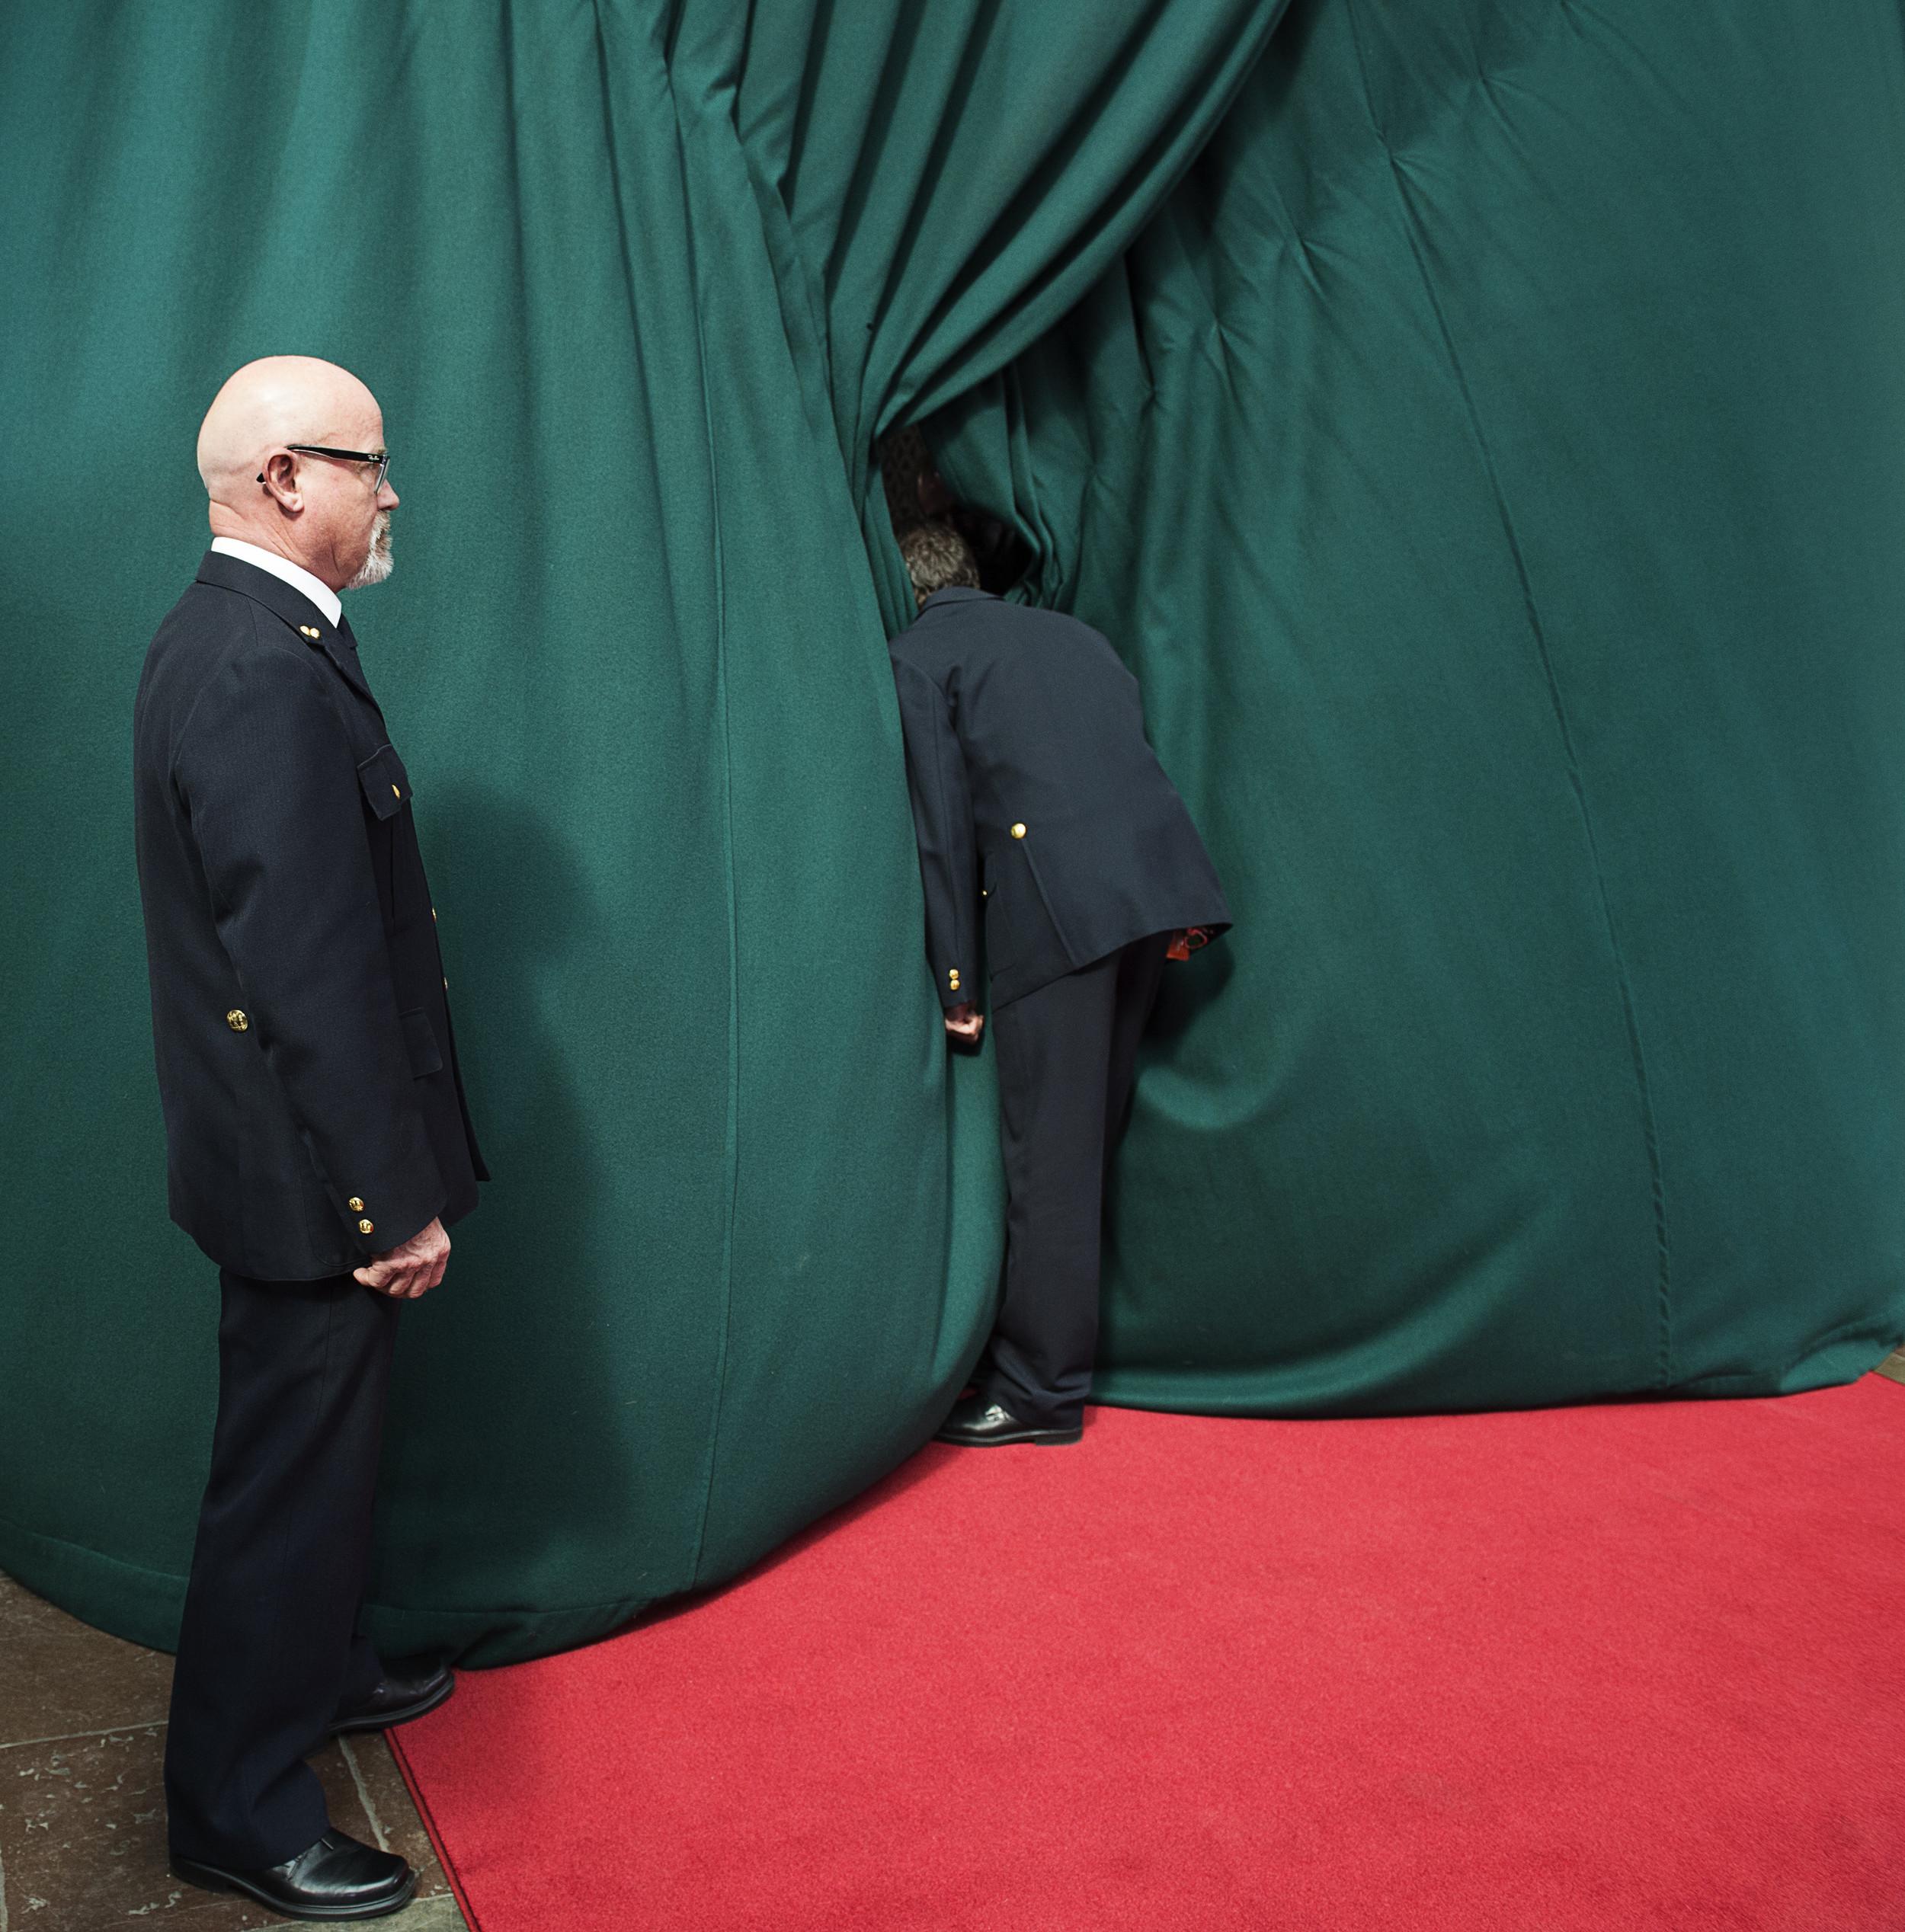 Dronning Margrethe ventes på Københavns Rådhus